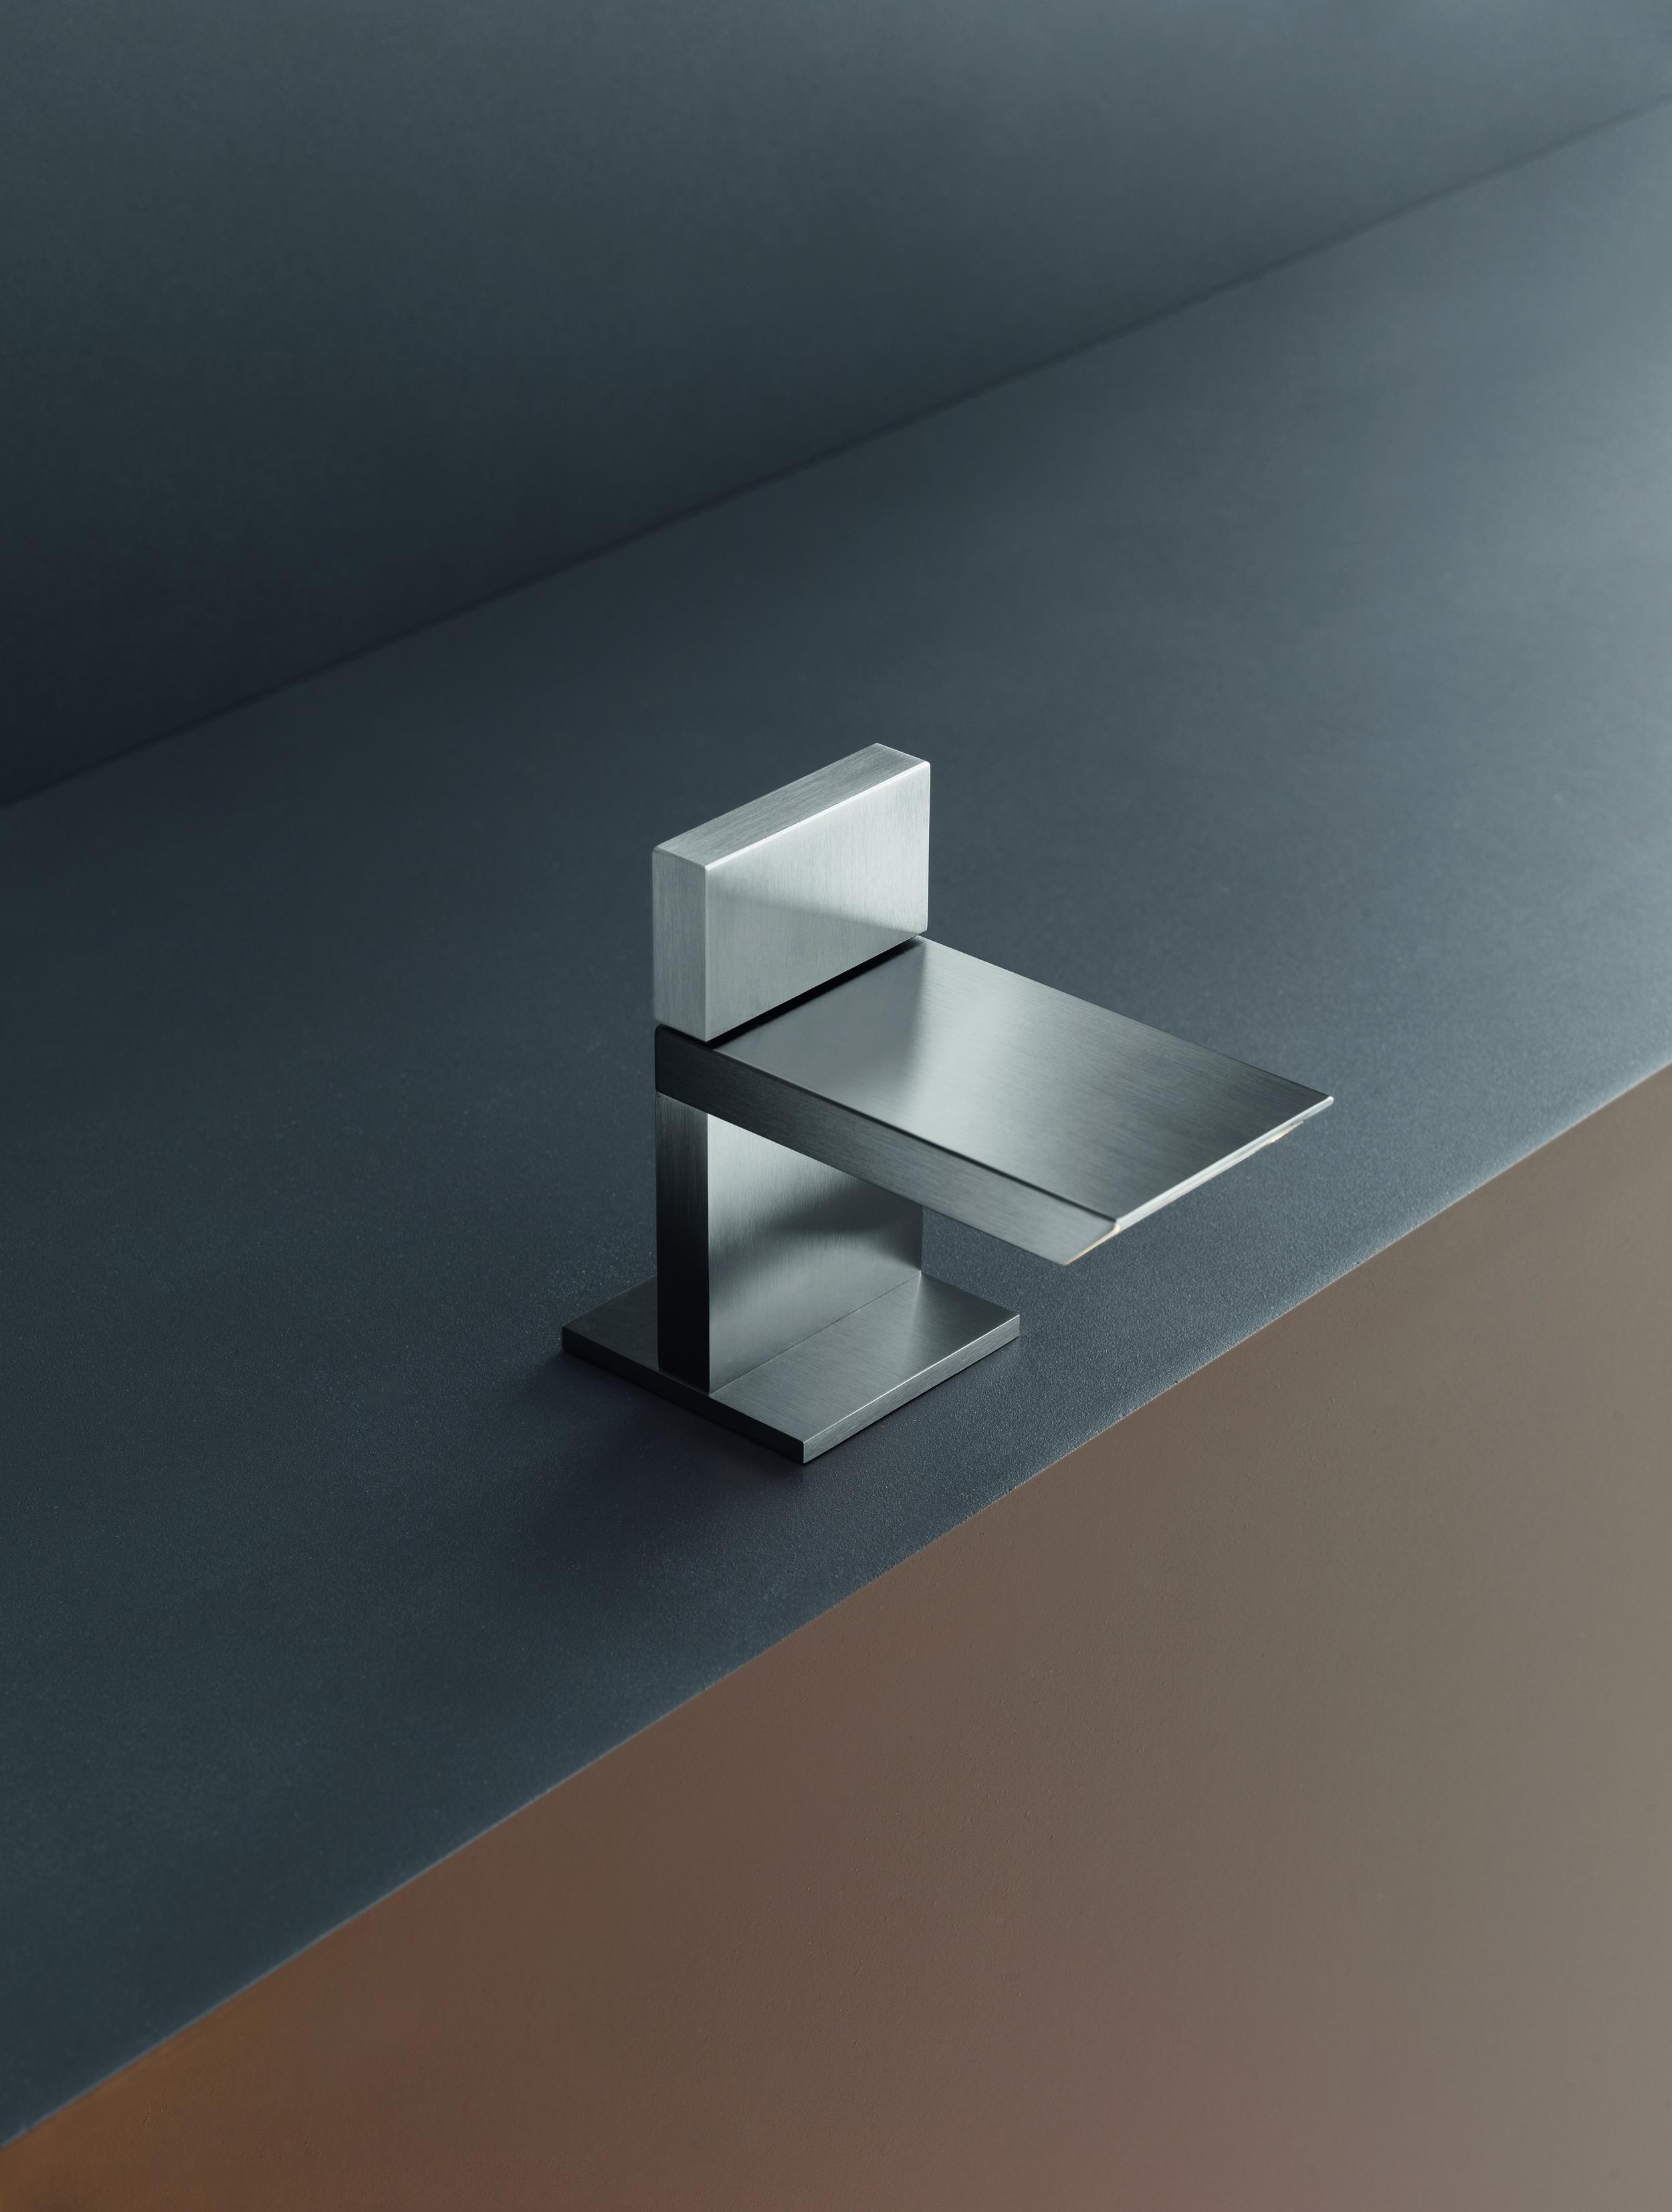 Modern Bar Deck Mount Faucet